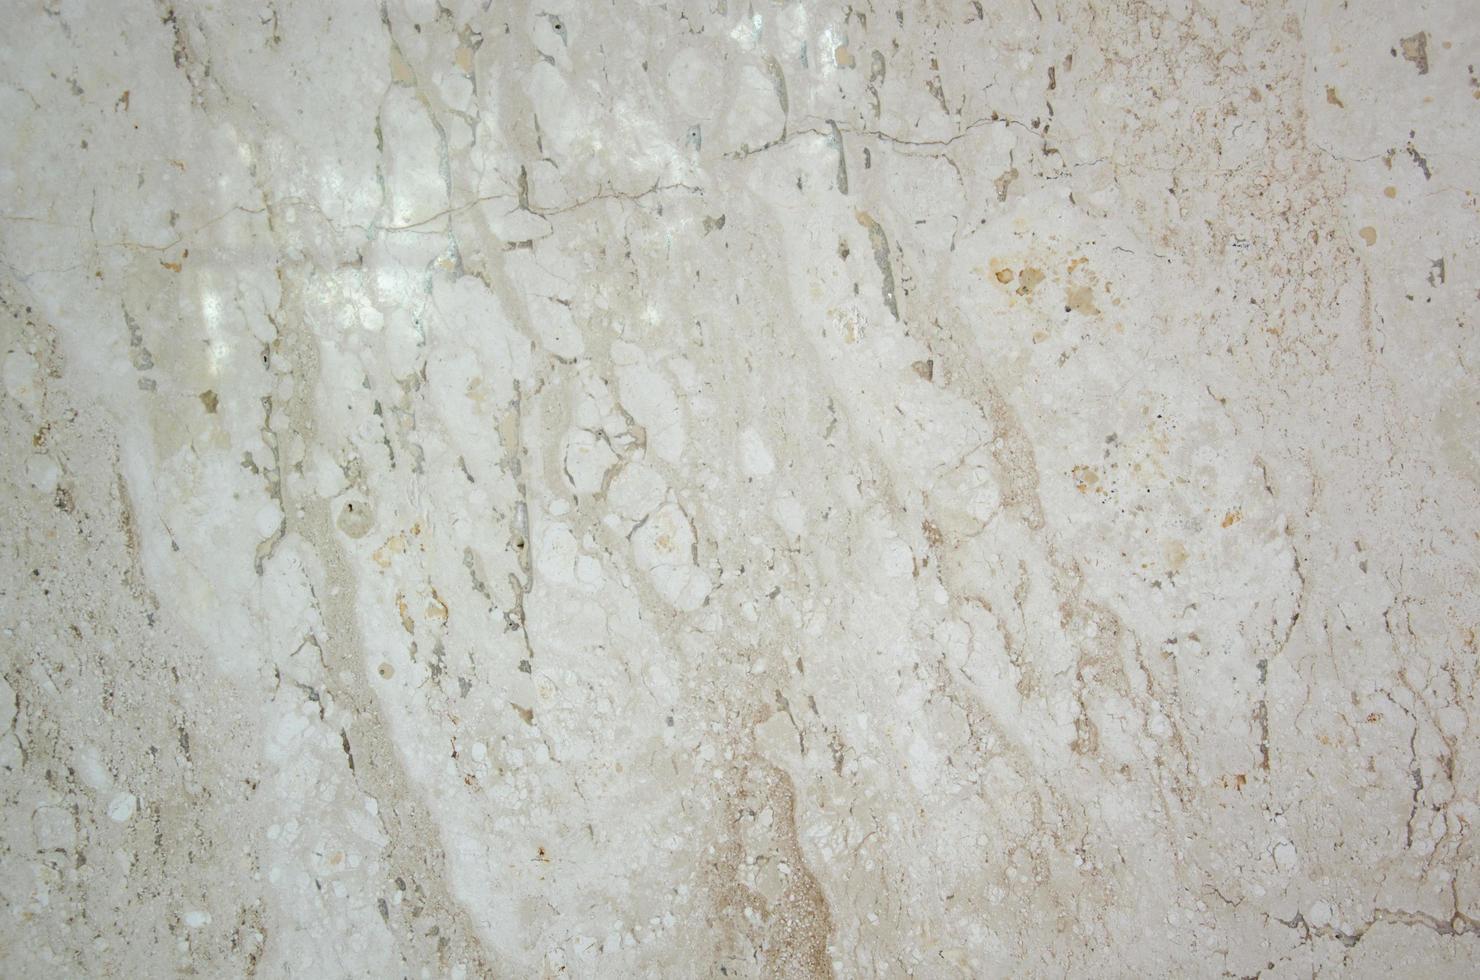 textura de mármol rústico foto